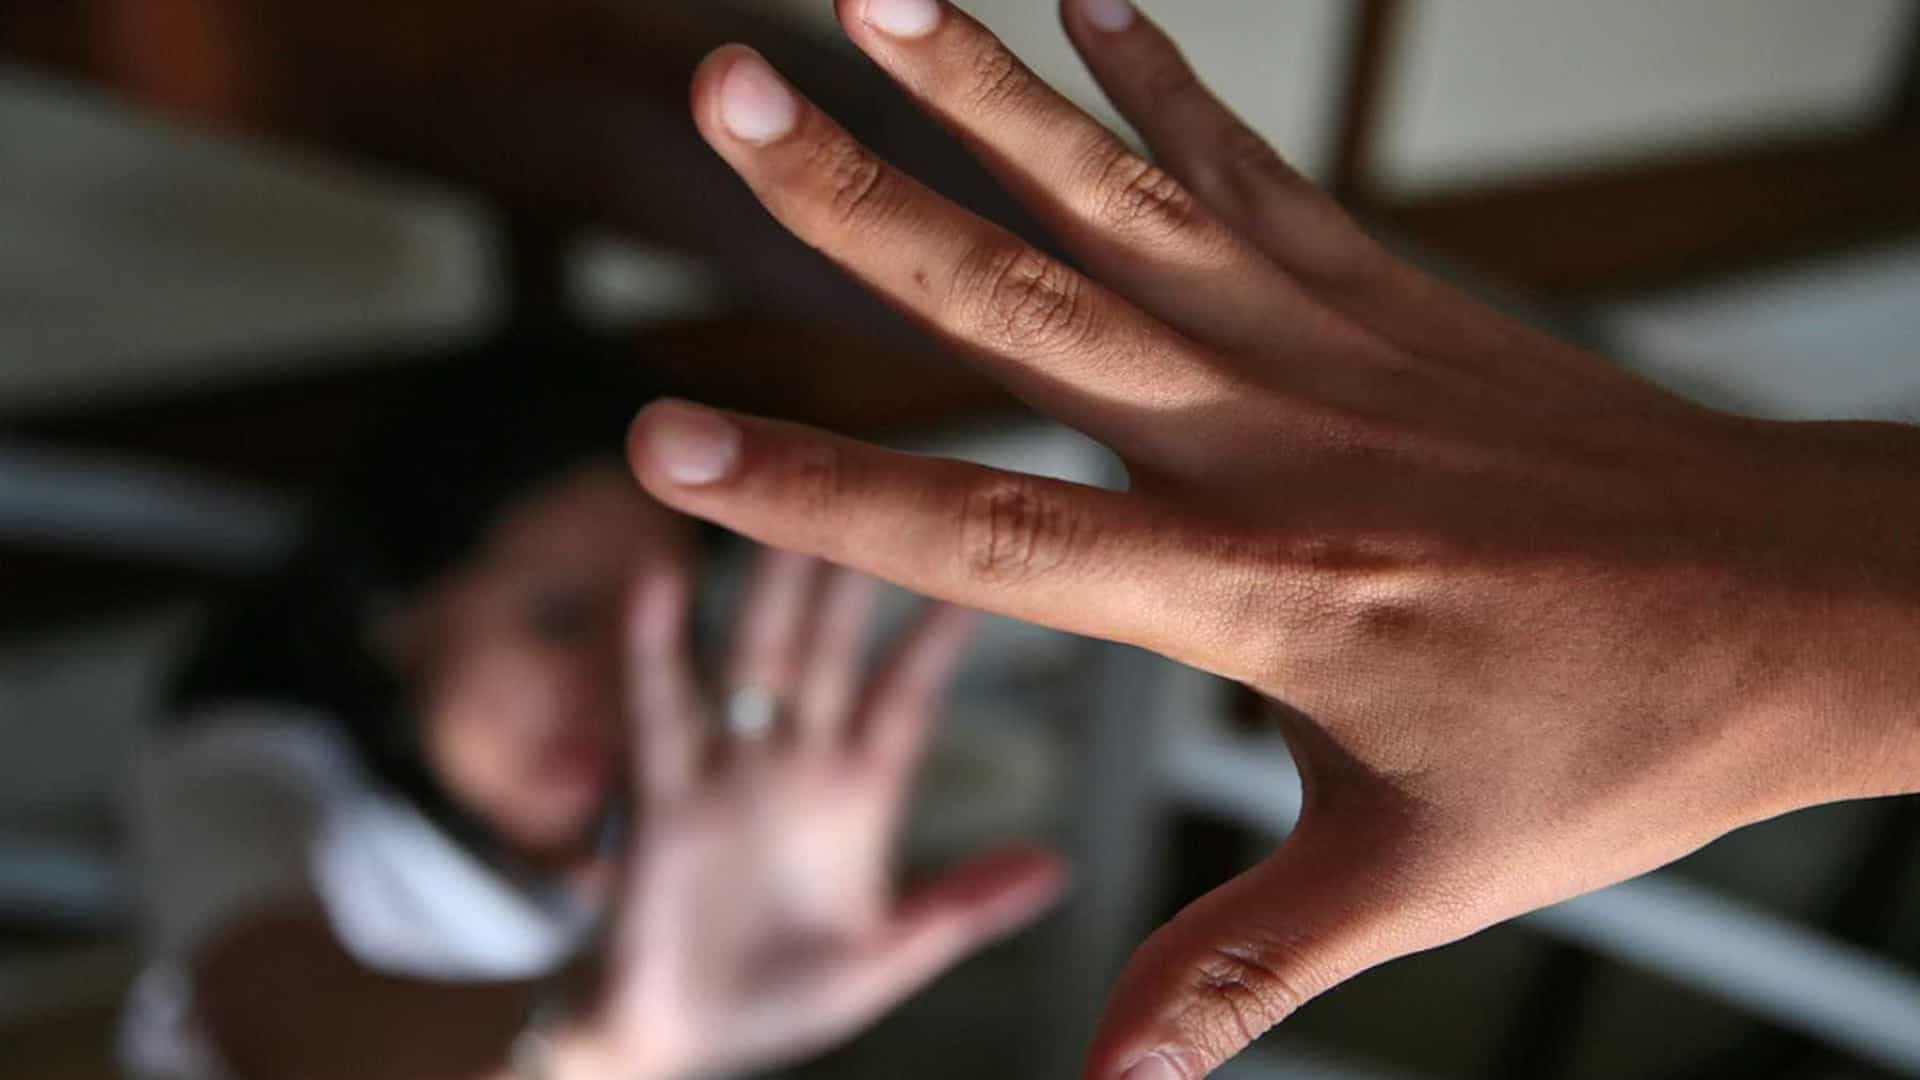 Resultado de imagem para estupro de vulnerável